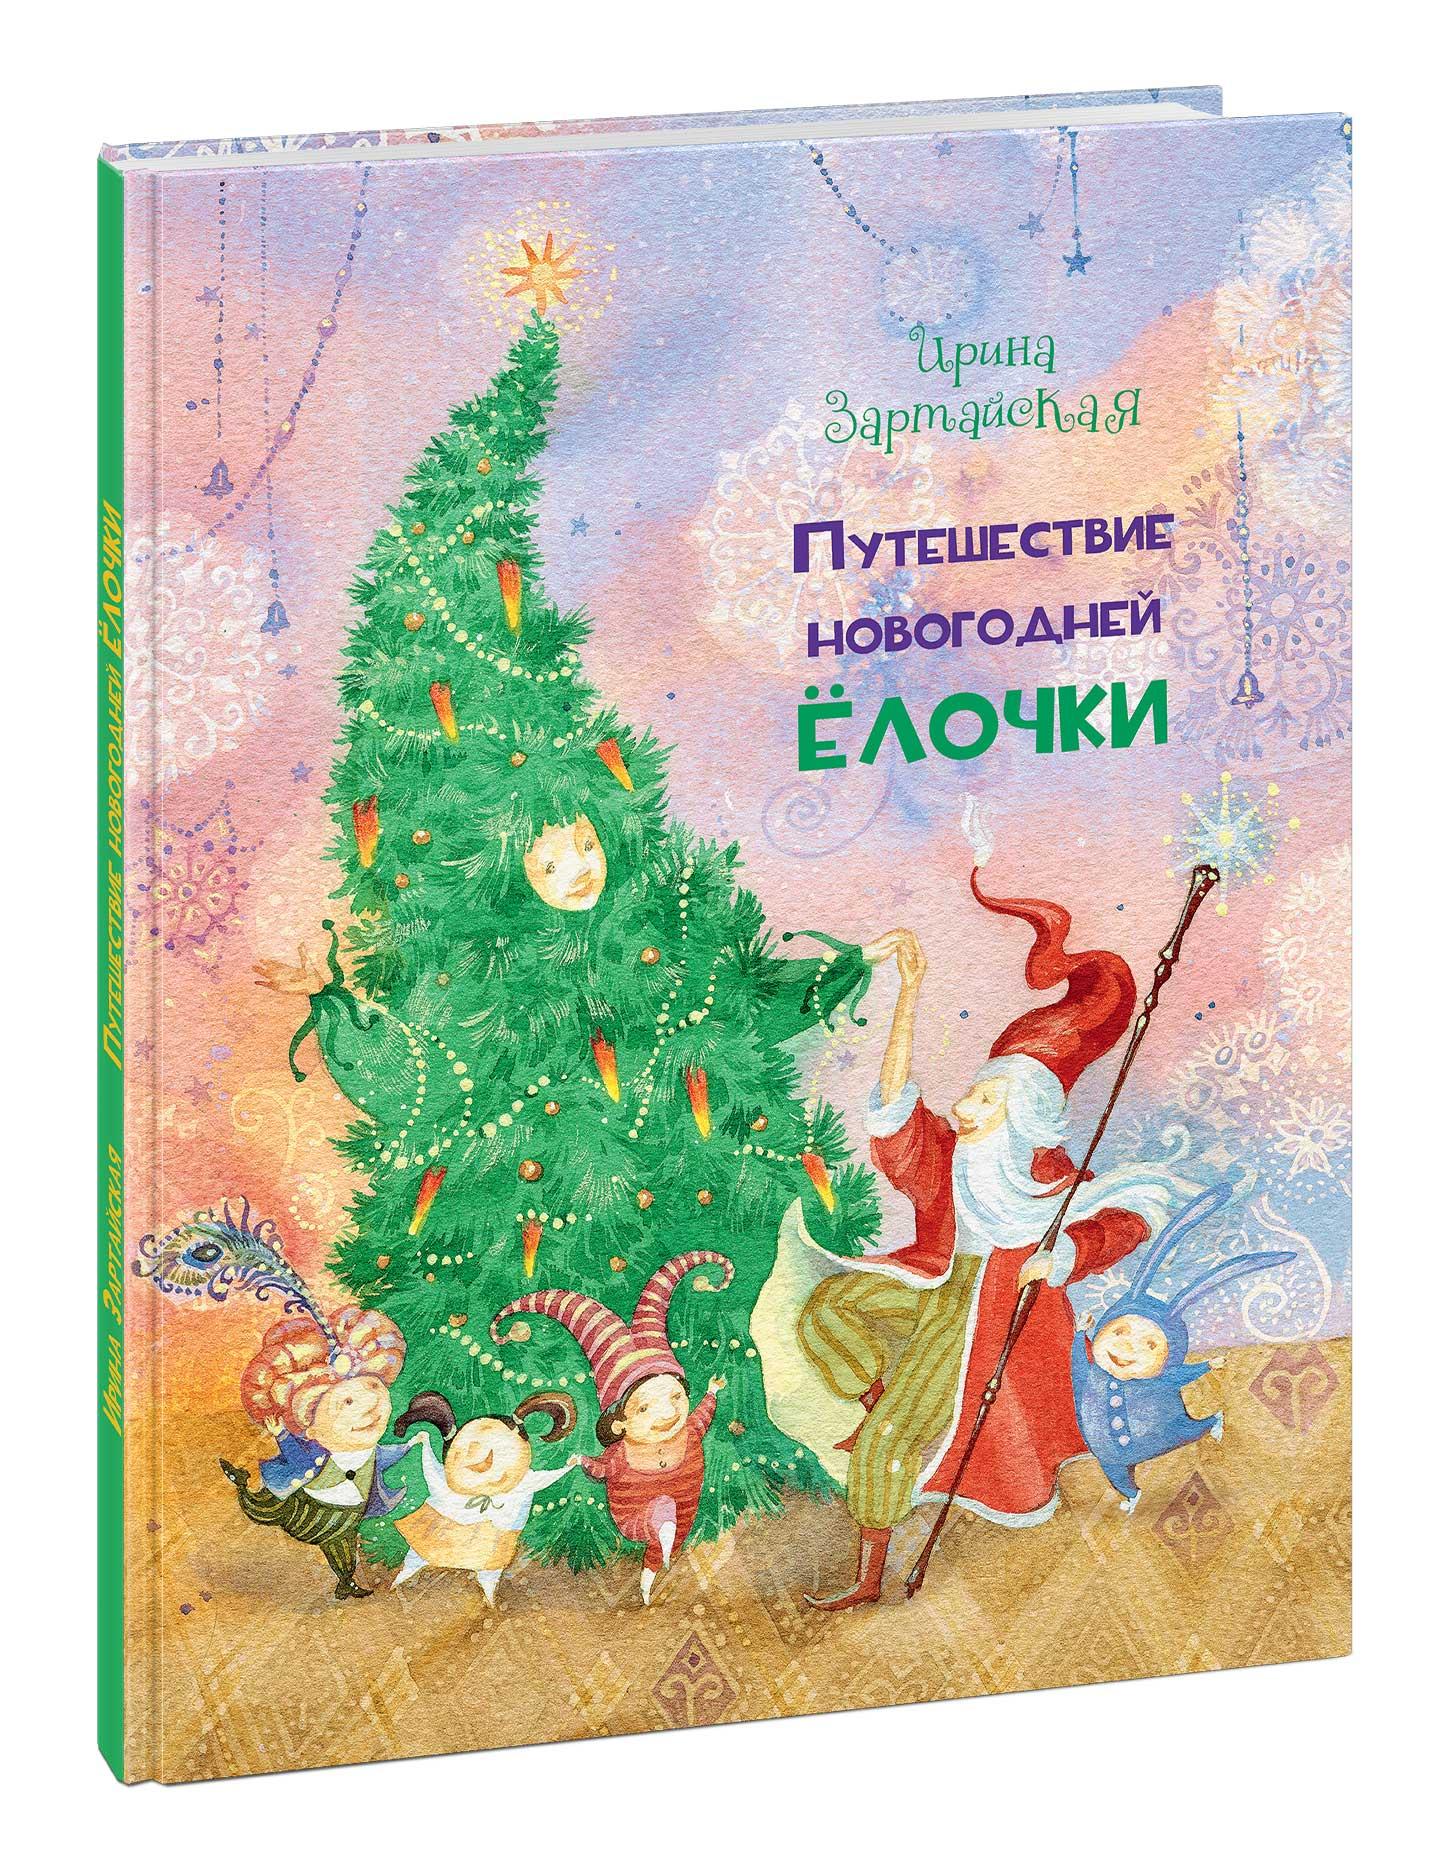 Путешествие новогодней Ёлочки, Зартайская Ирина Вадимовна